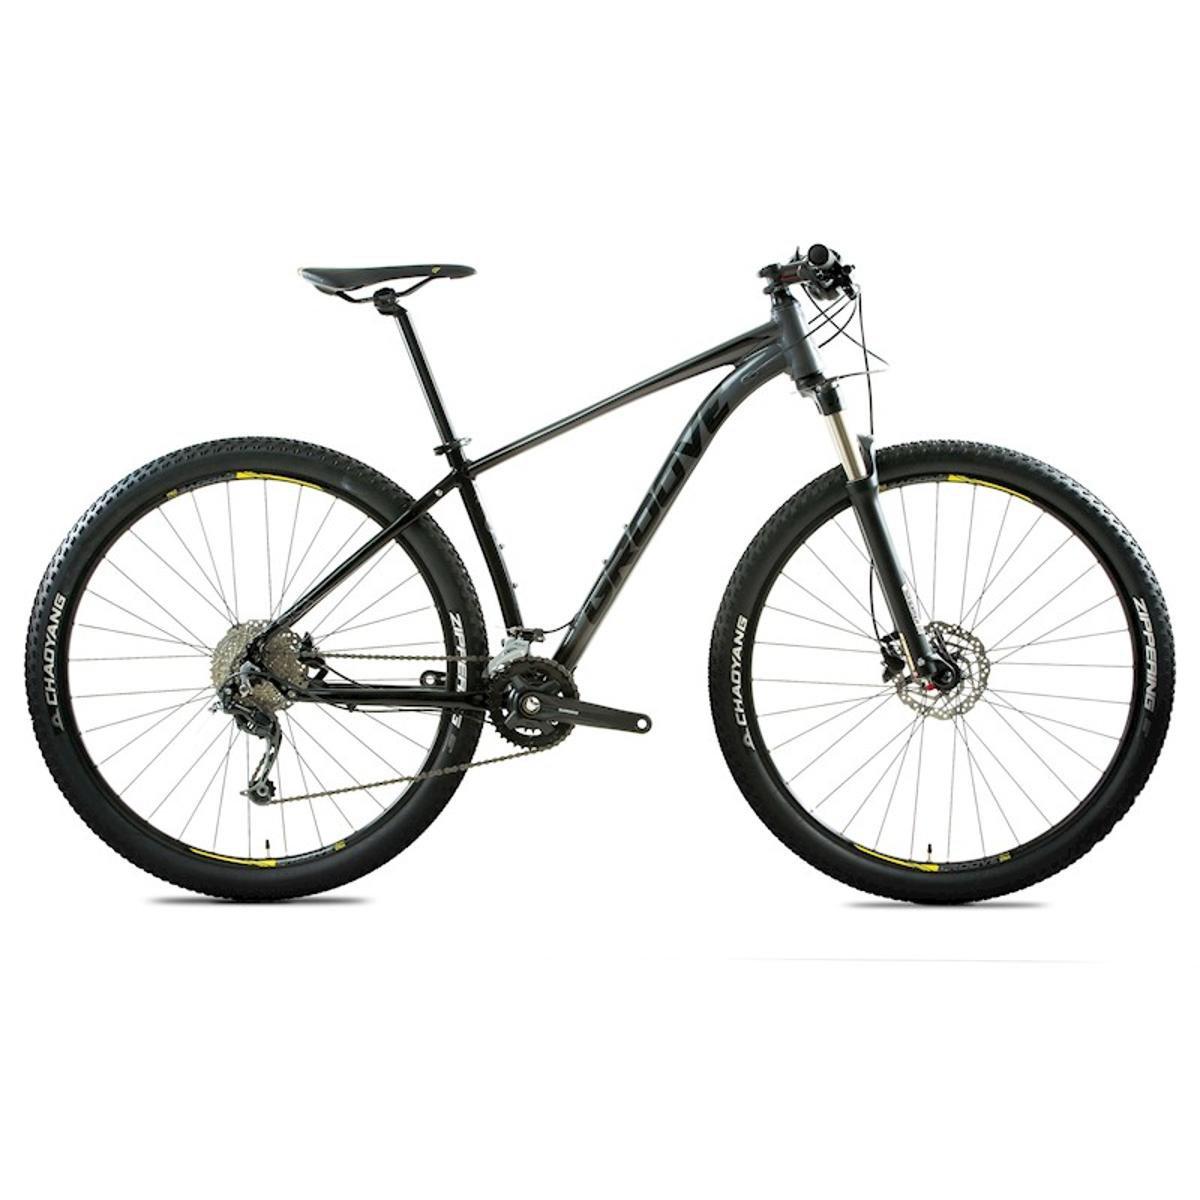 Bicicleta Groove Ska 70 T17 Aro 29 Susp. Dianteira 27 Marchas - Preto